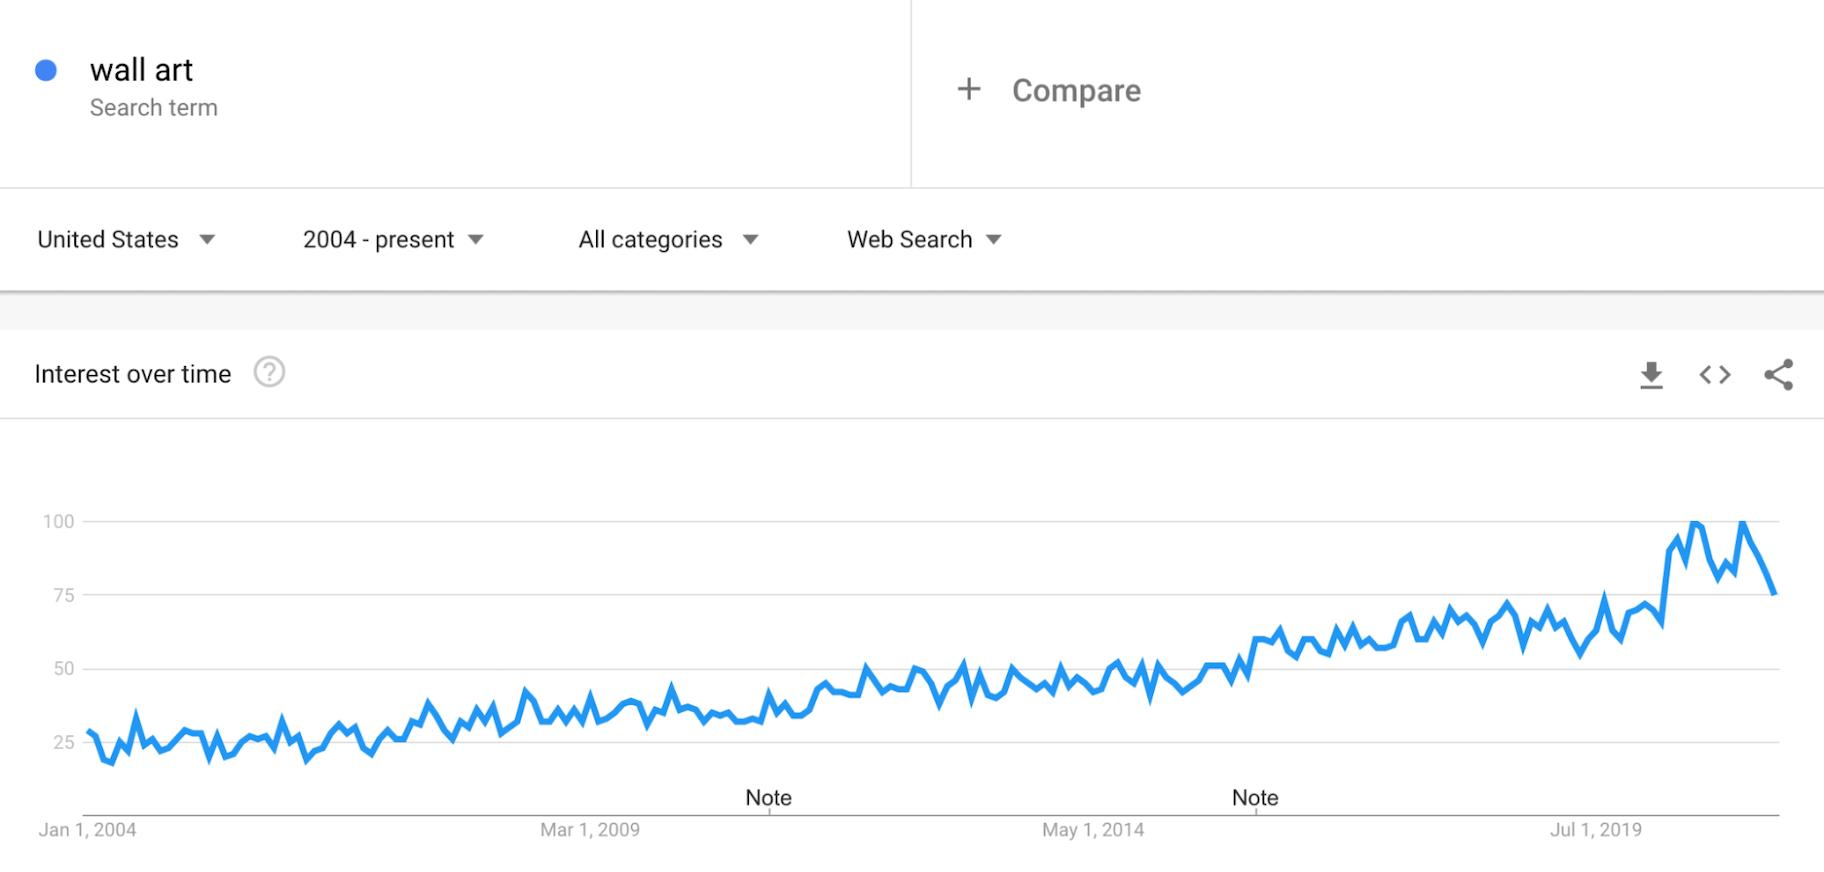 Google Trends: Wall Art